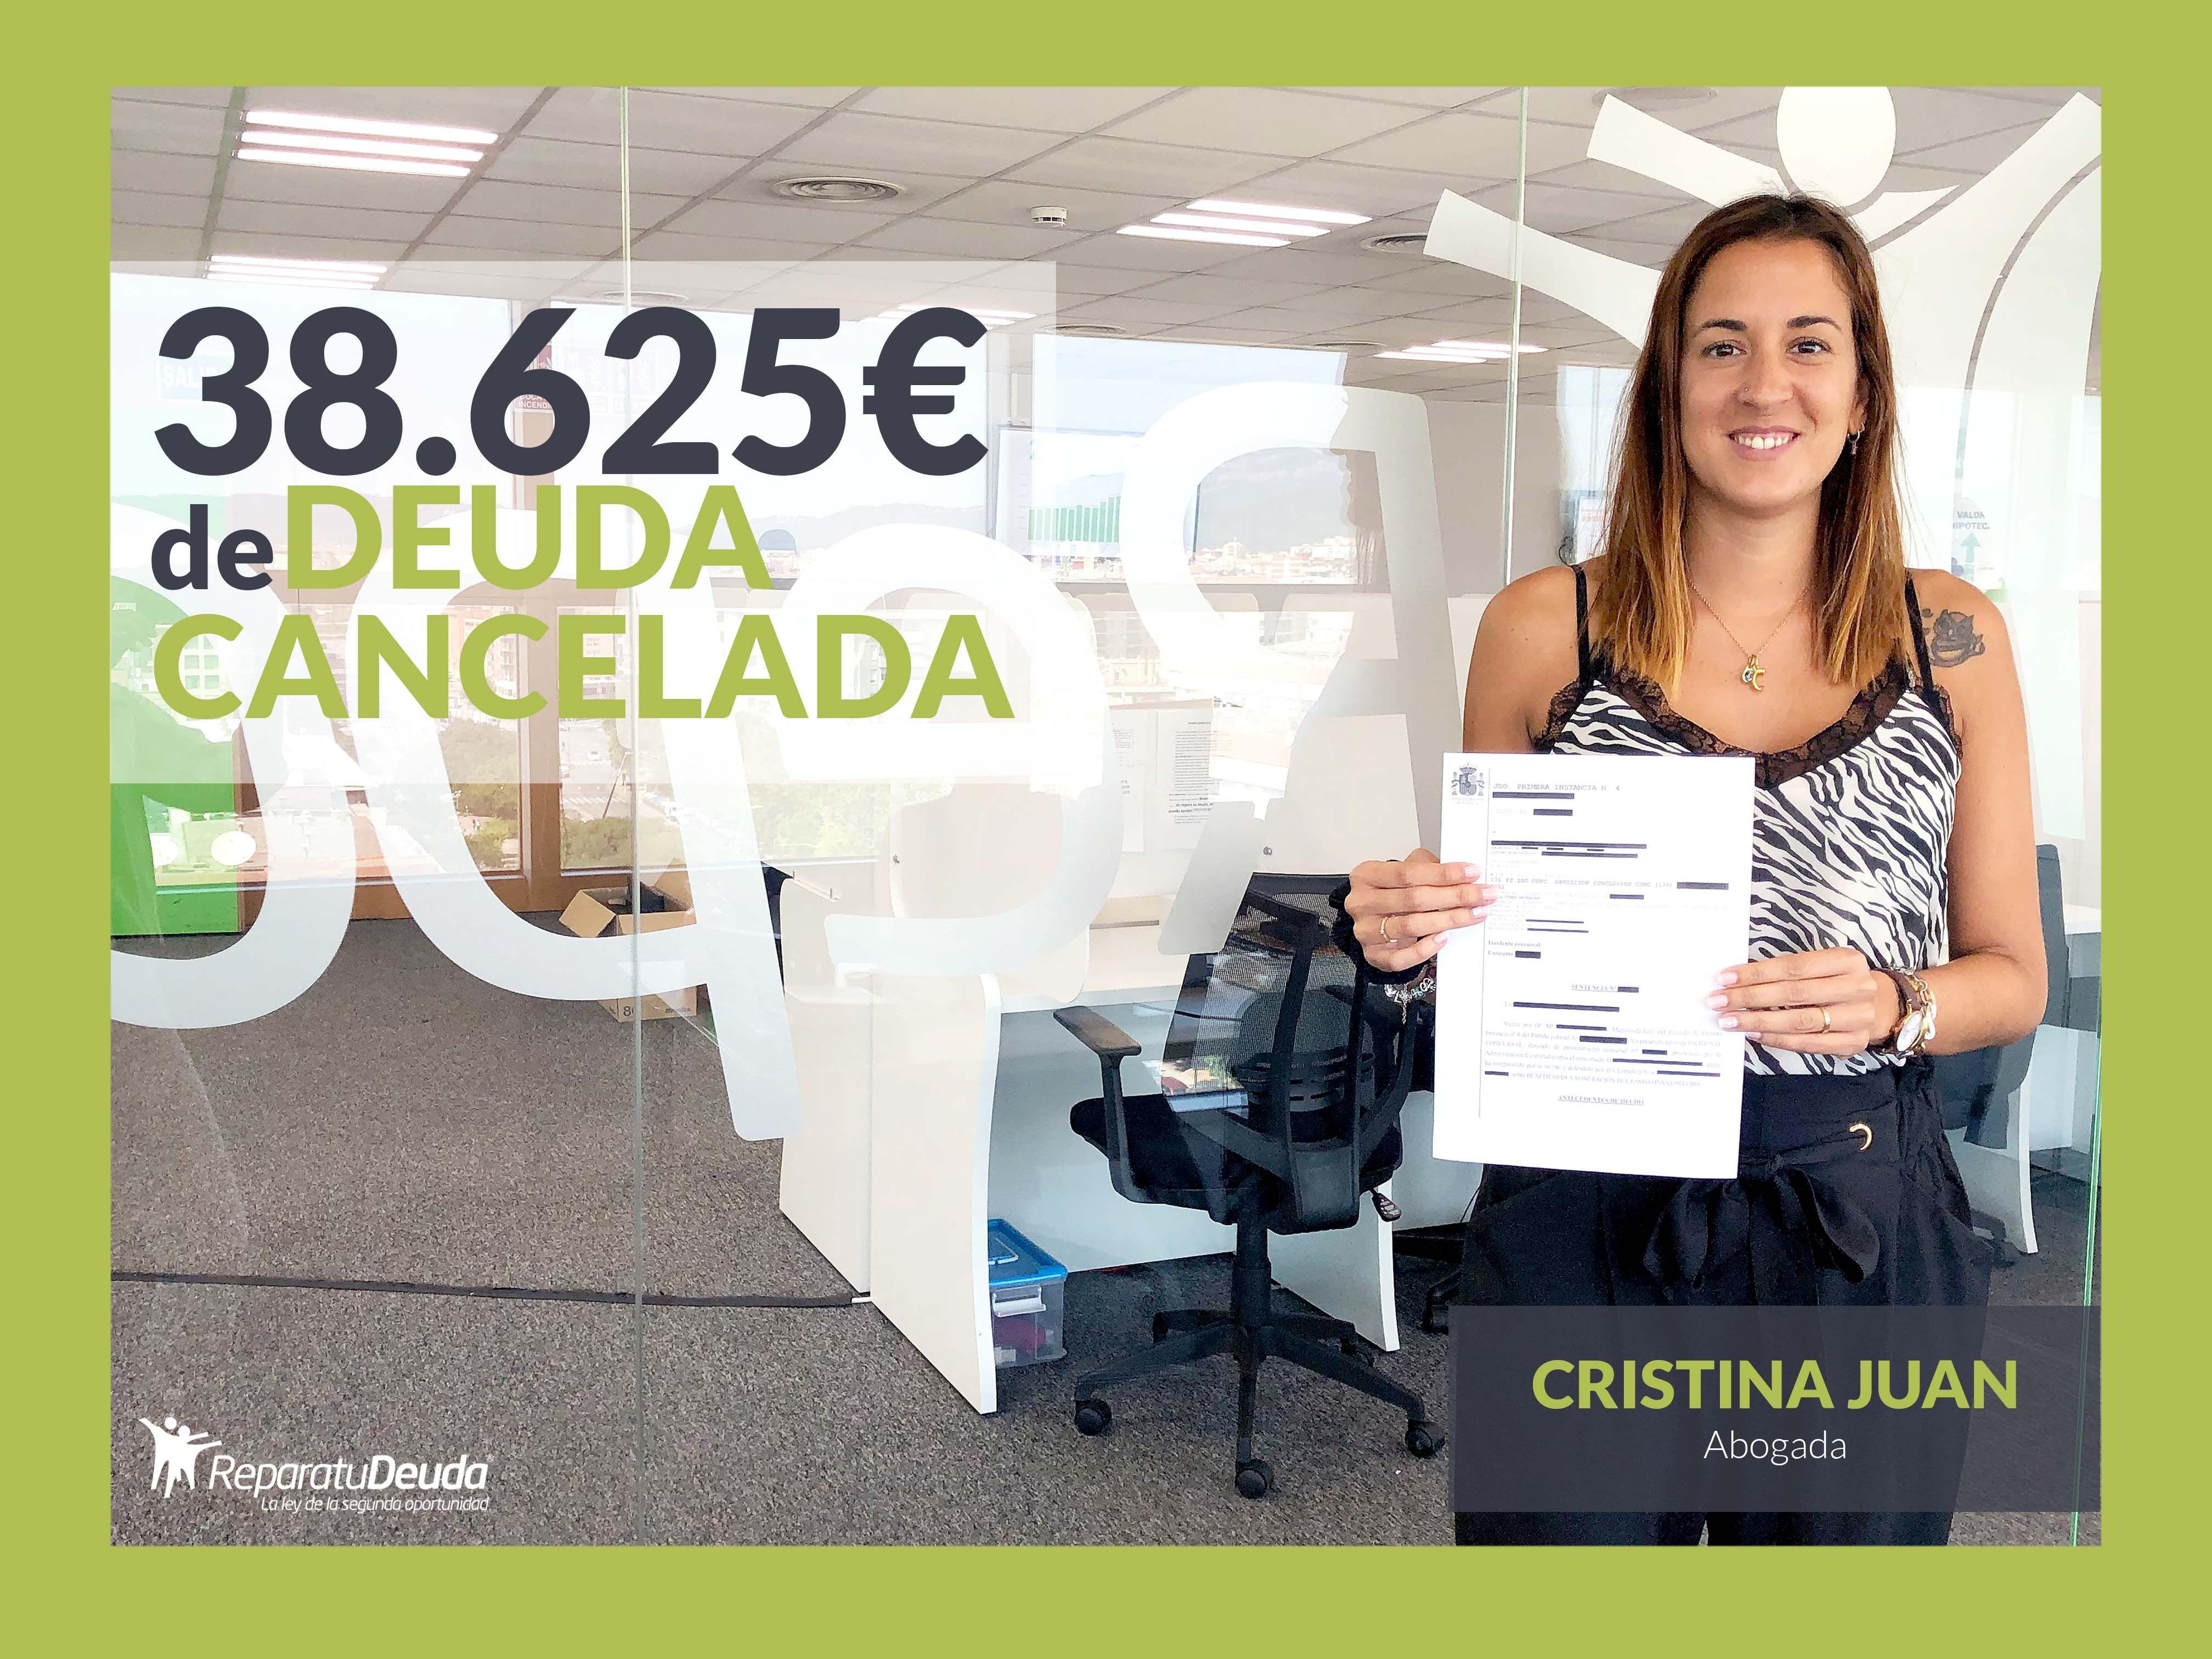 Repara tu Deuda cancela a un matrimonio una deuda de 38.625 ? en Badajoz con la Ley de Segunda Oportunidad